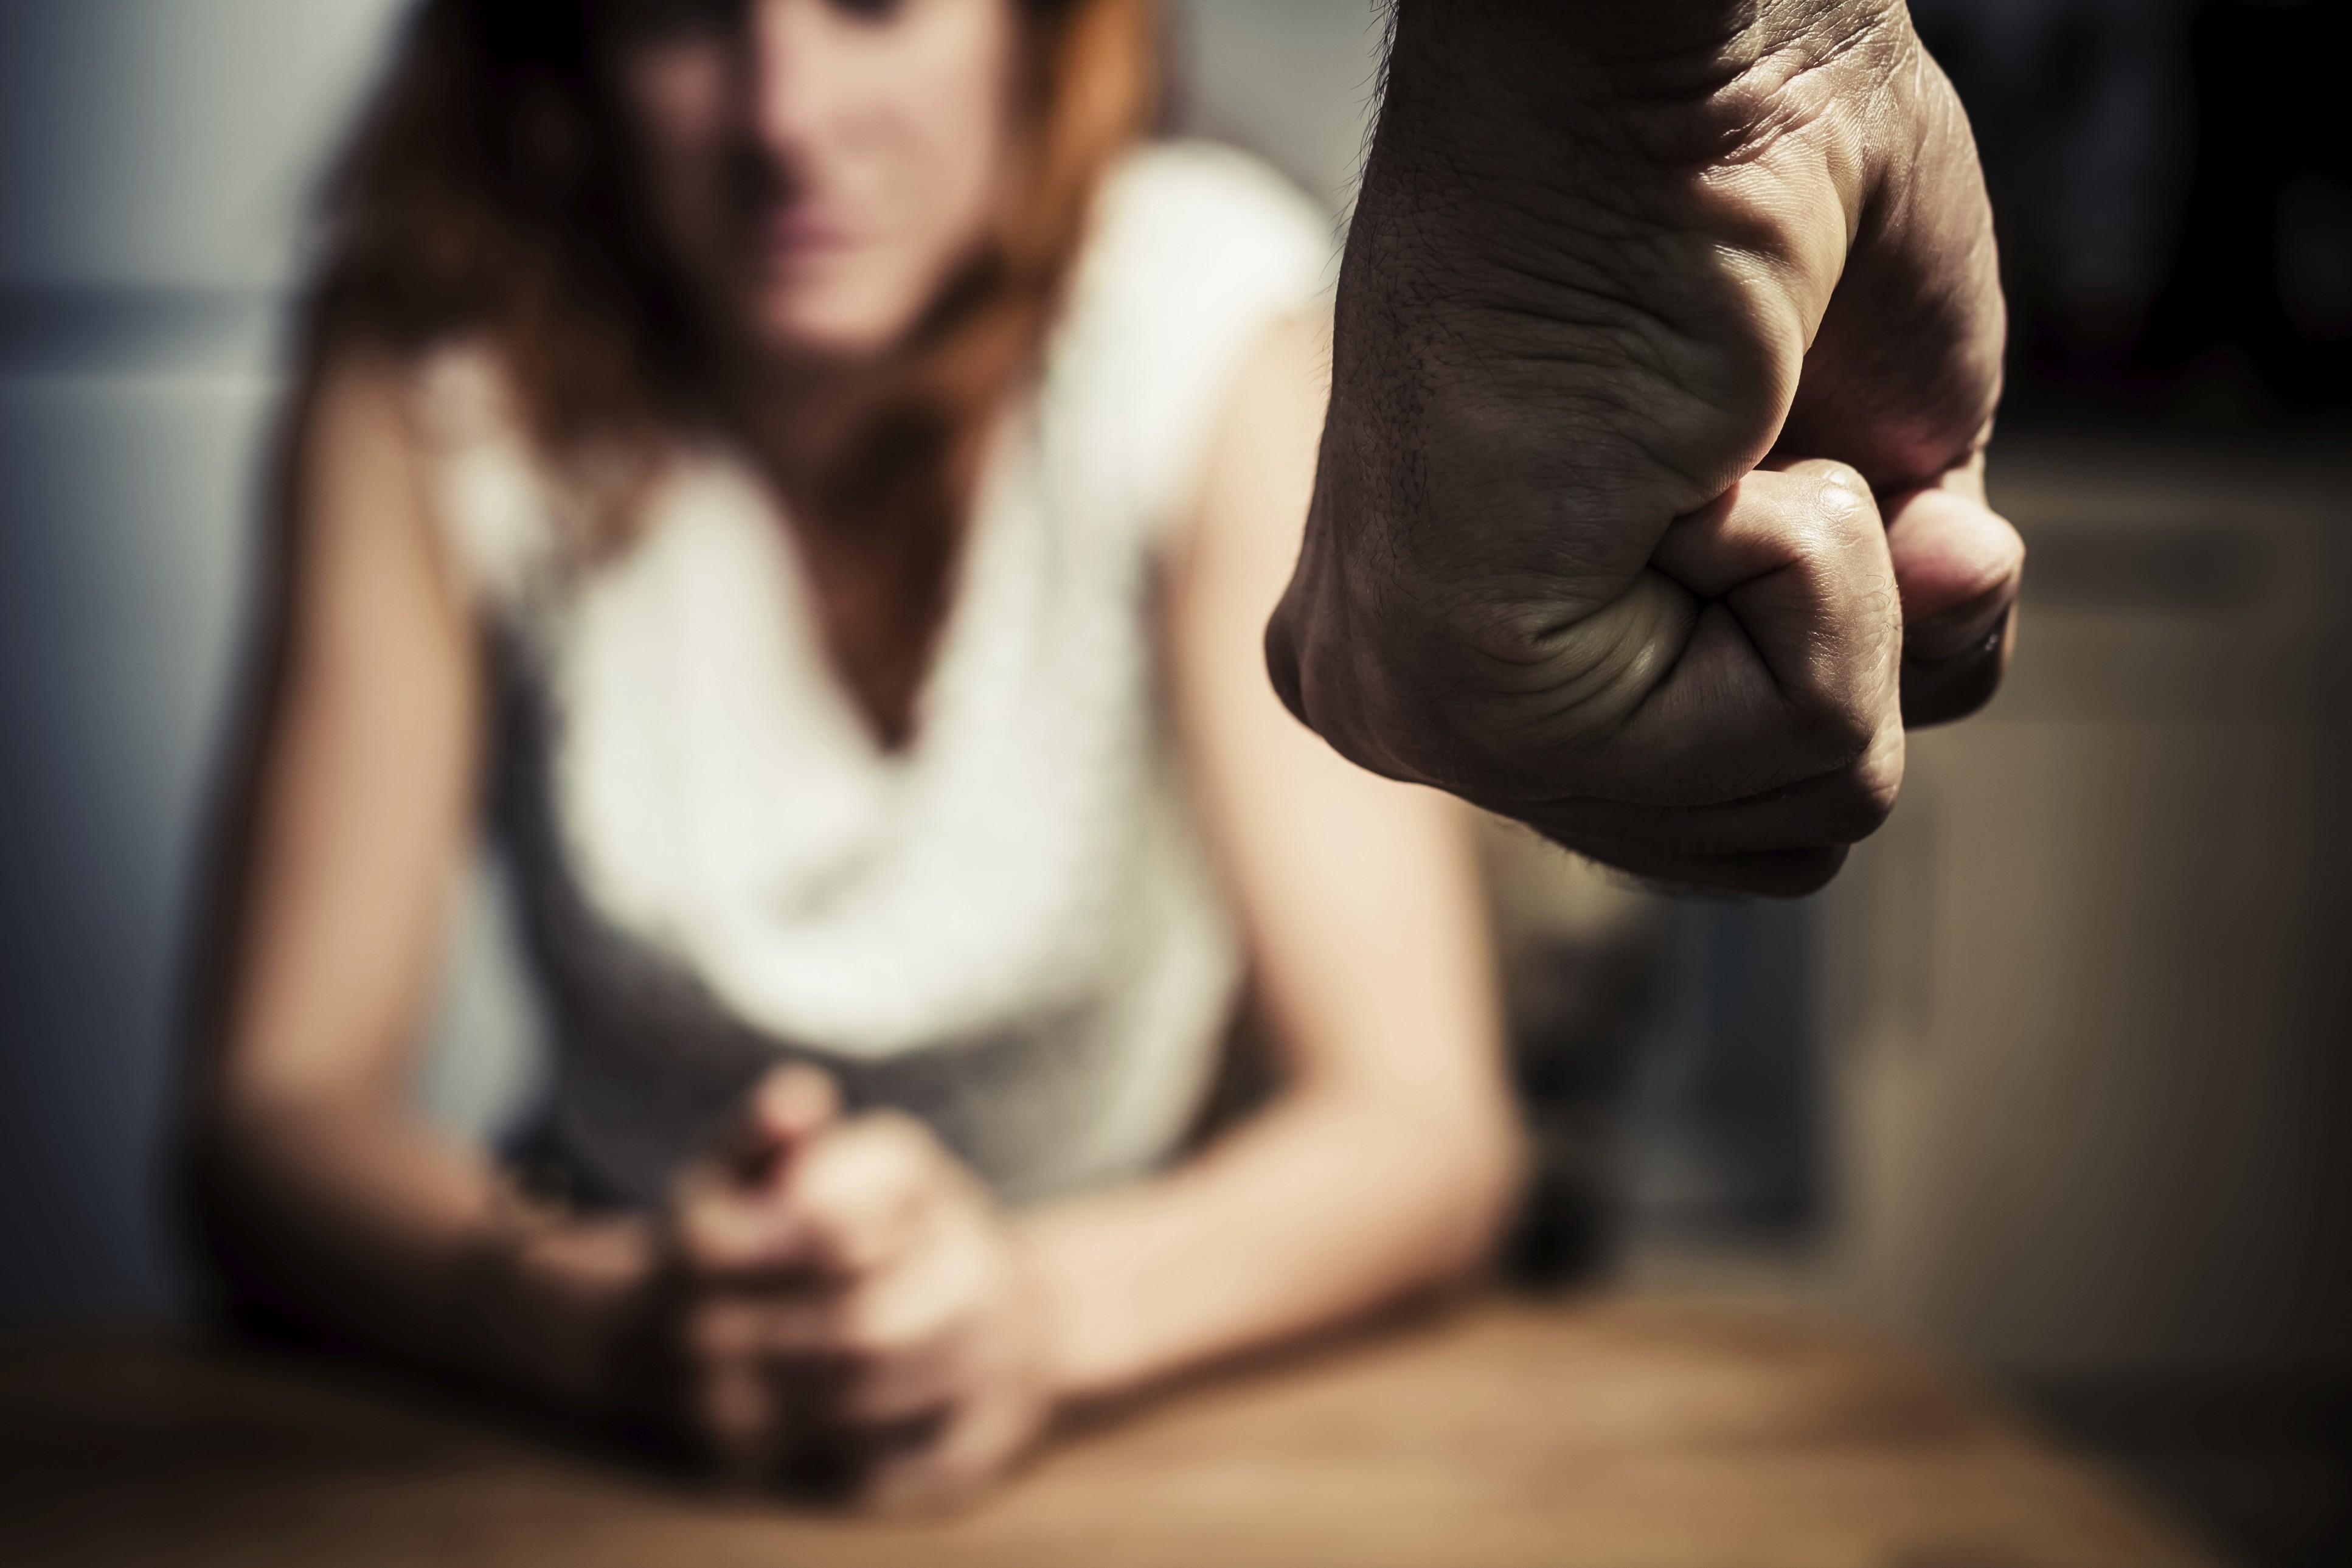 Nghe thật ngược đời nhưng vấn nạn con cái bạo hành cha mẹ đang ngày một gia tăng ở nước Anh  - Ảnh 3.